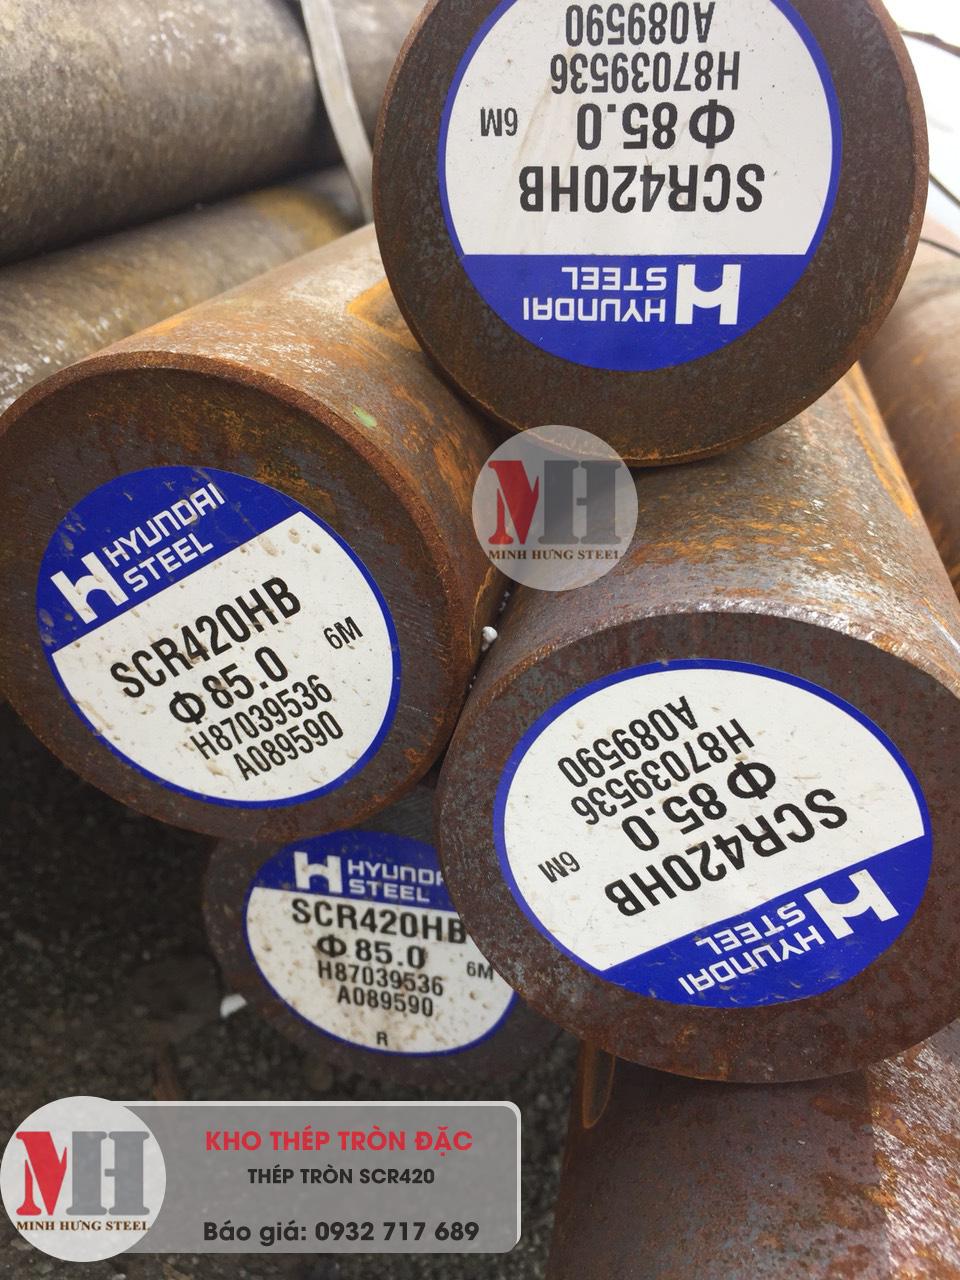 thép tròn đặc scr420 giá tốt tại hcm